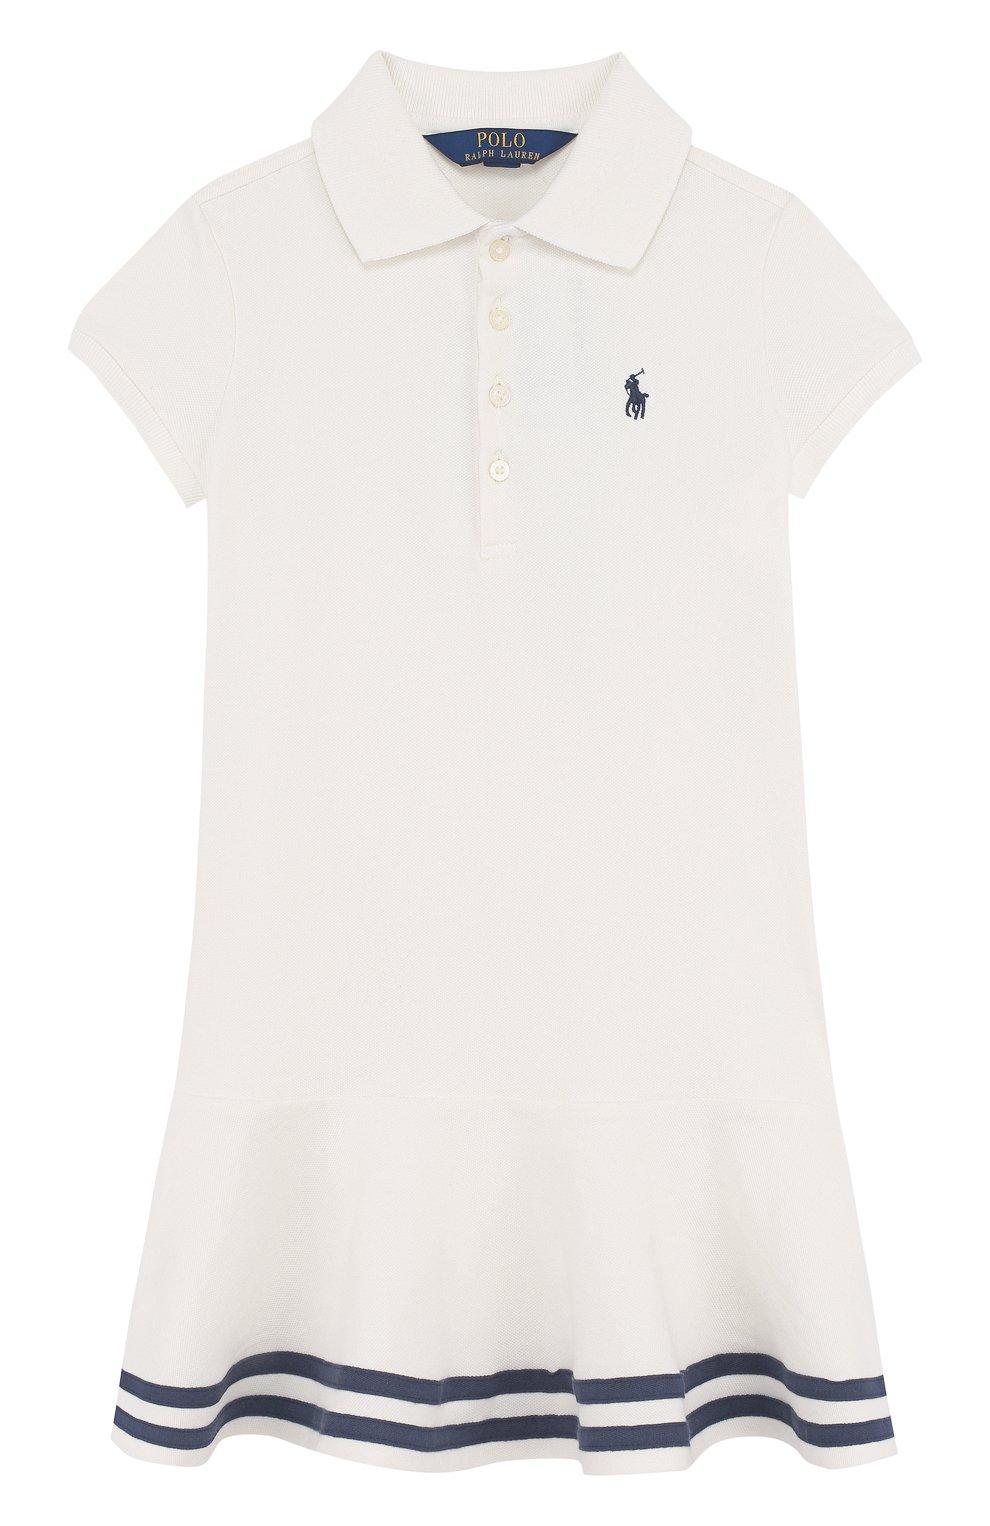 d94d4d2a3ab1 ... отделкой Polo Ralph Lauren. Хлопковое мини-платье с контрастной  отделкой   Фото №1